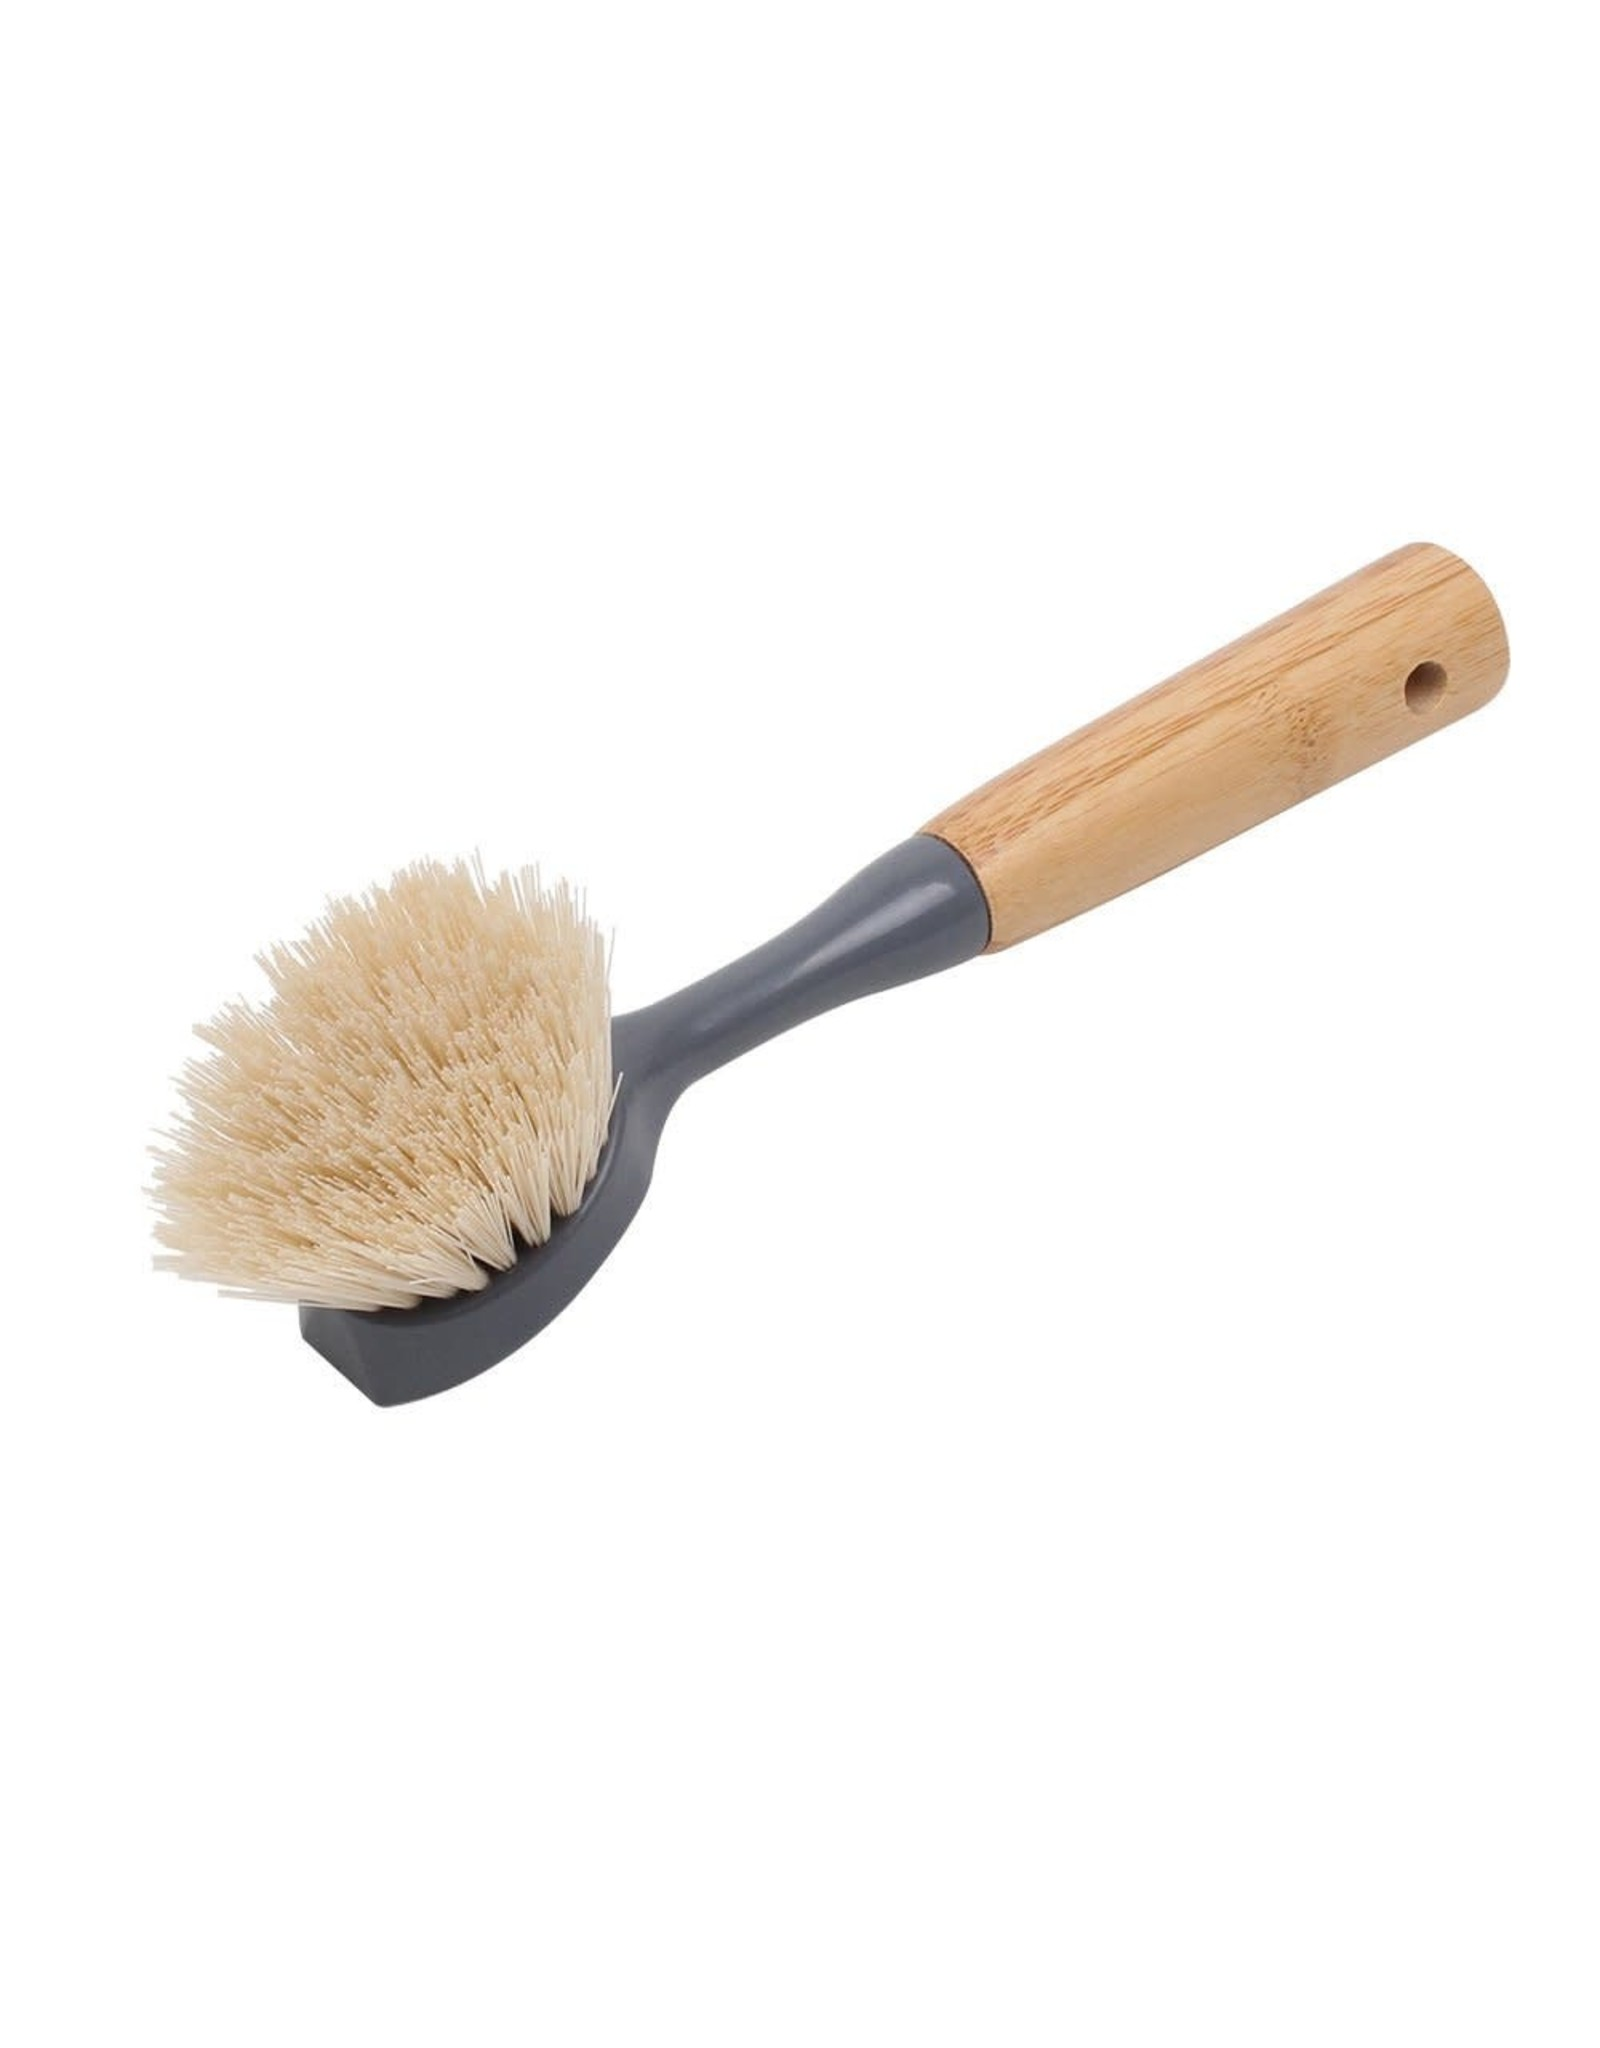 Eco Basics Dish Brush